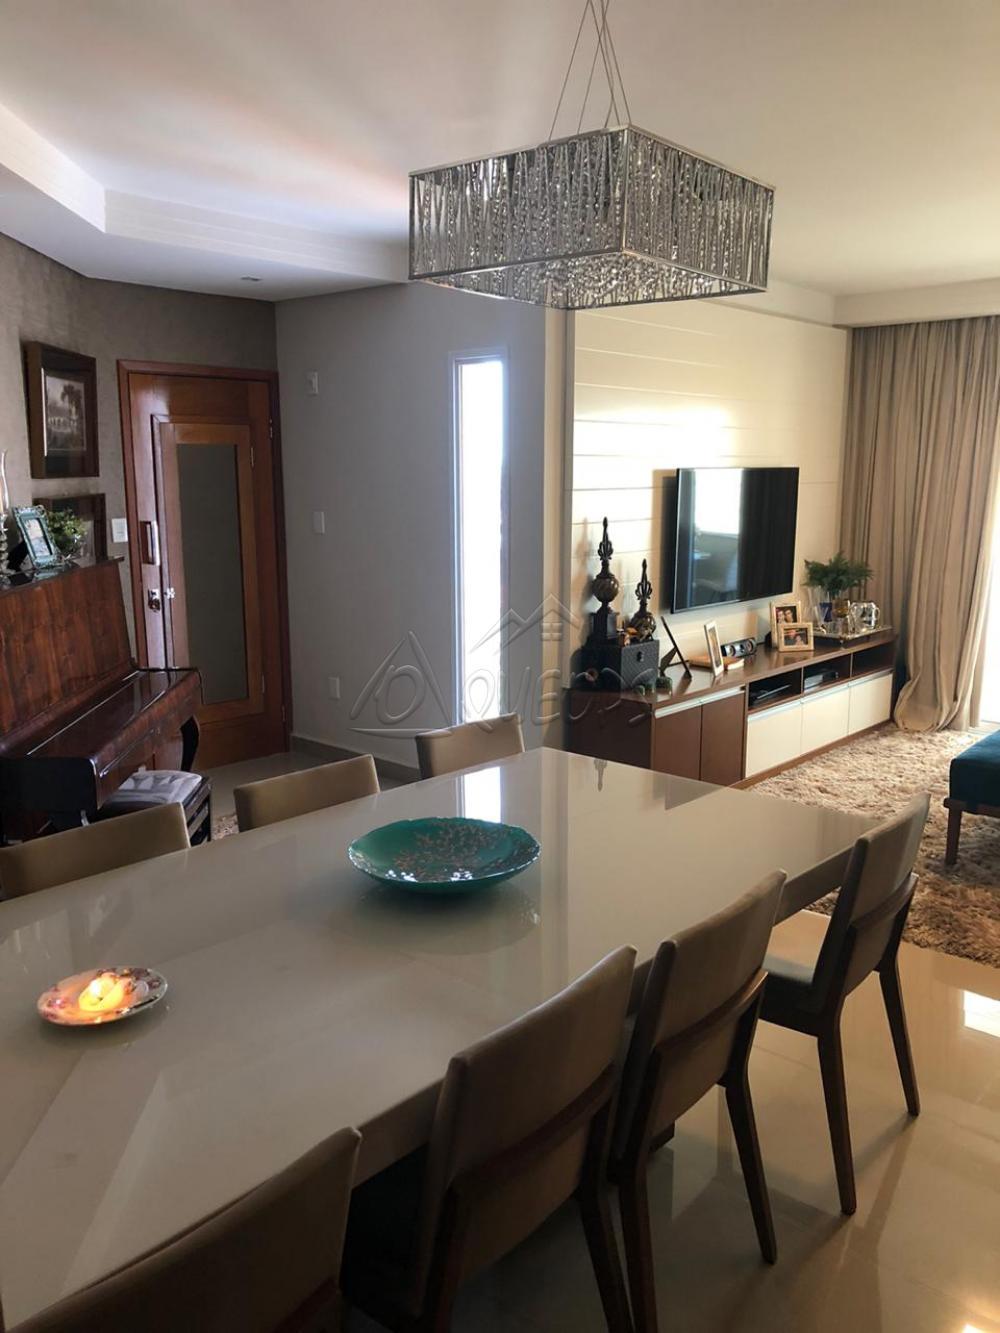 Comprar Apartamento / Padrão em Barretos apenas R$ 700.000,00 - Foto 6